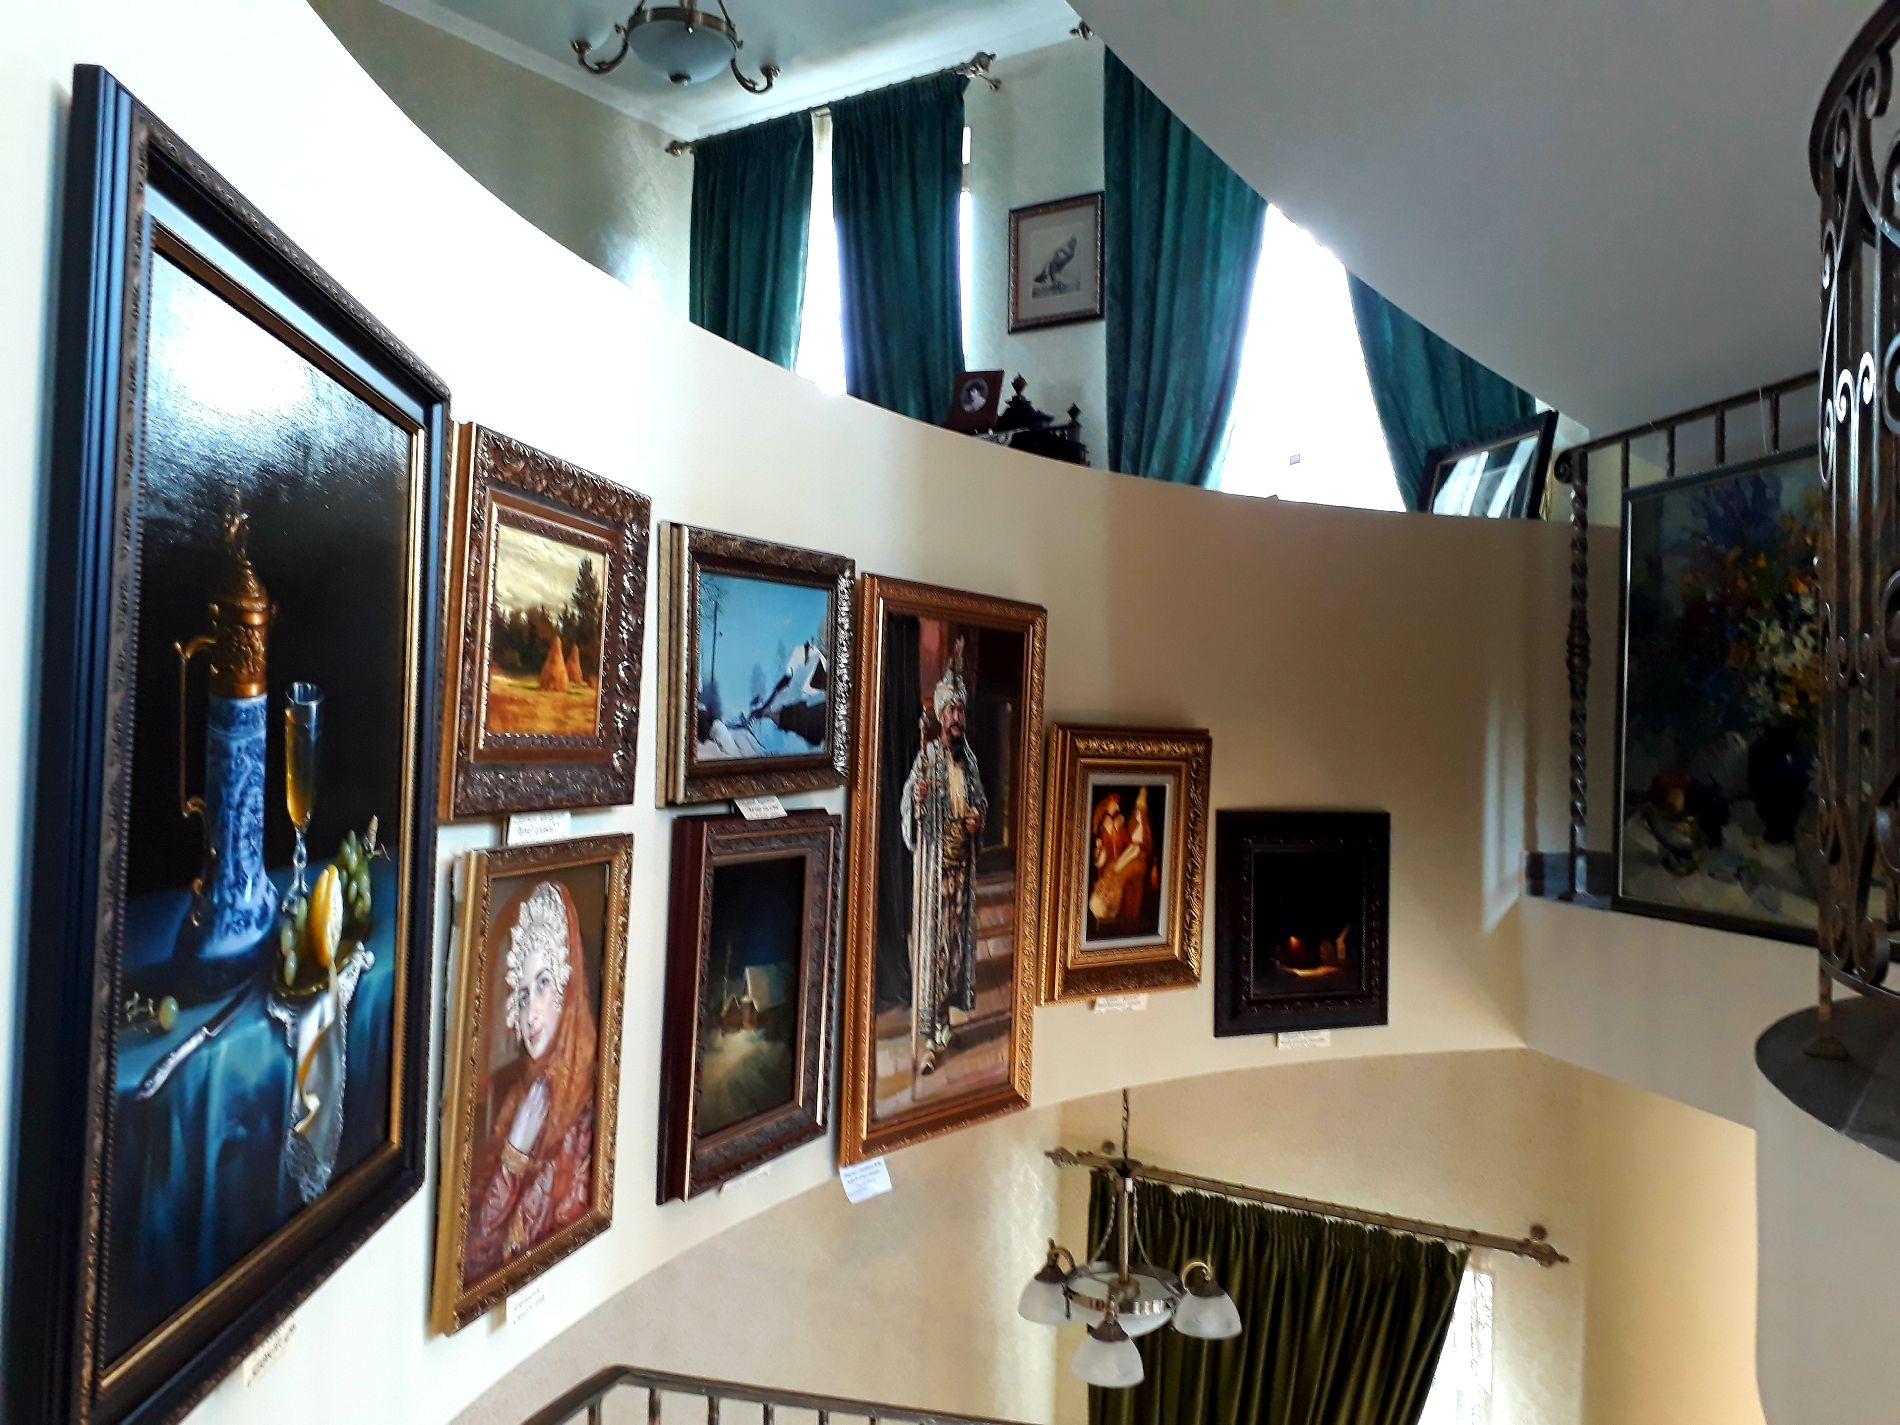 Музей «Особнякъ» ©Фотография предоставлена музеем «Особнякъ»